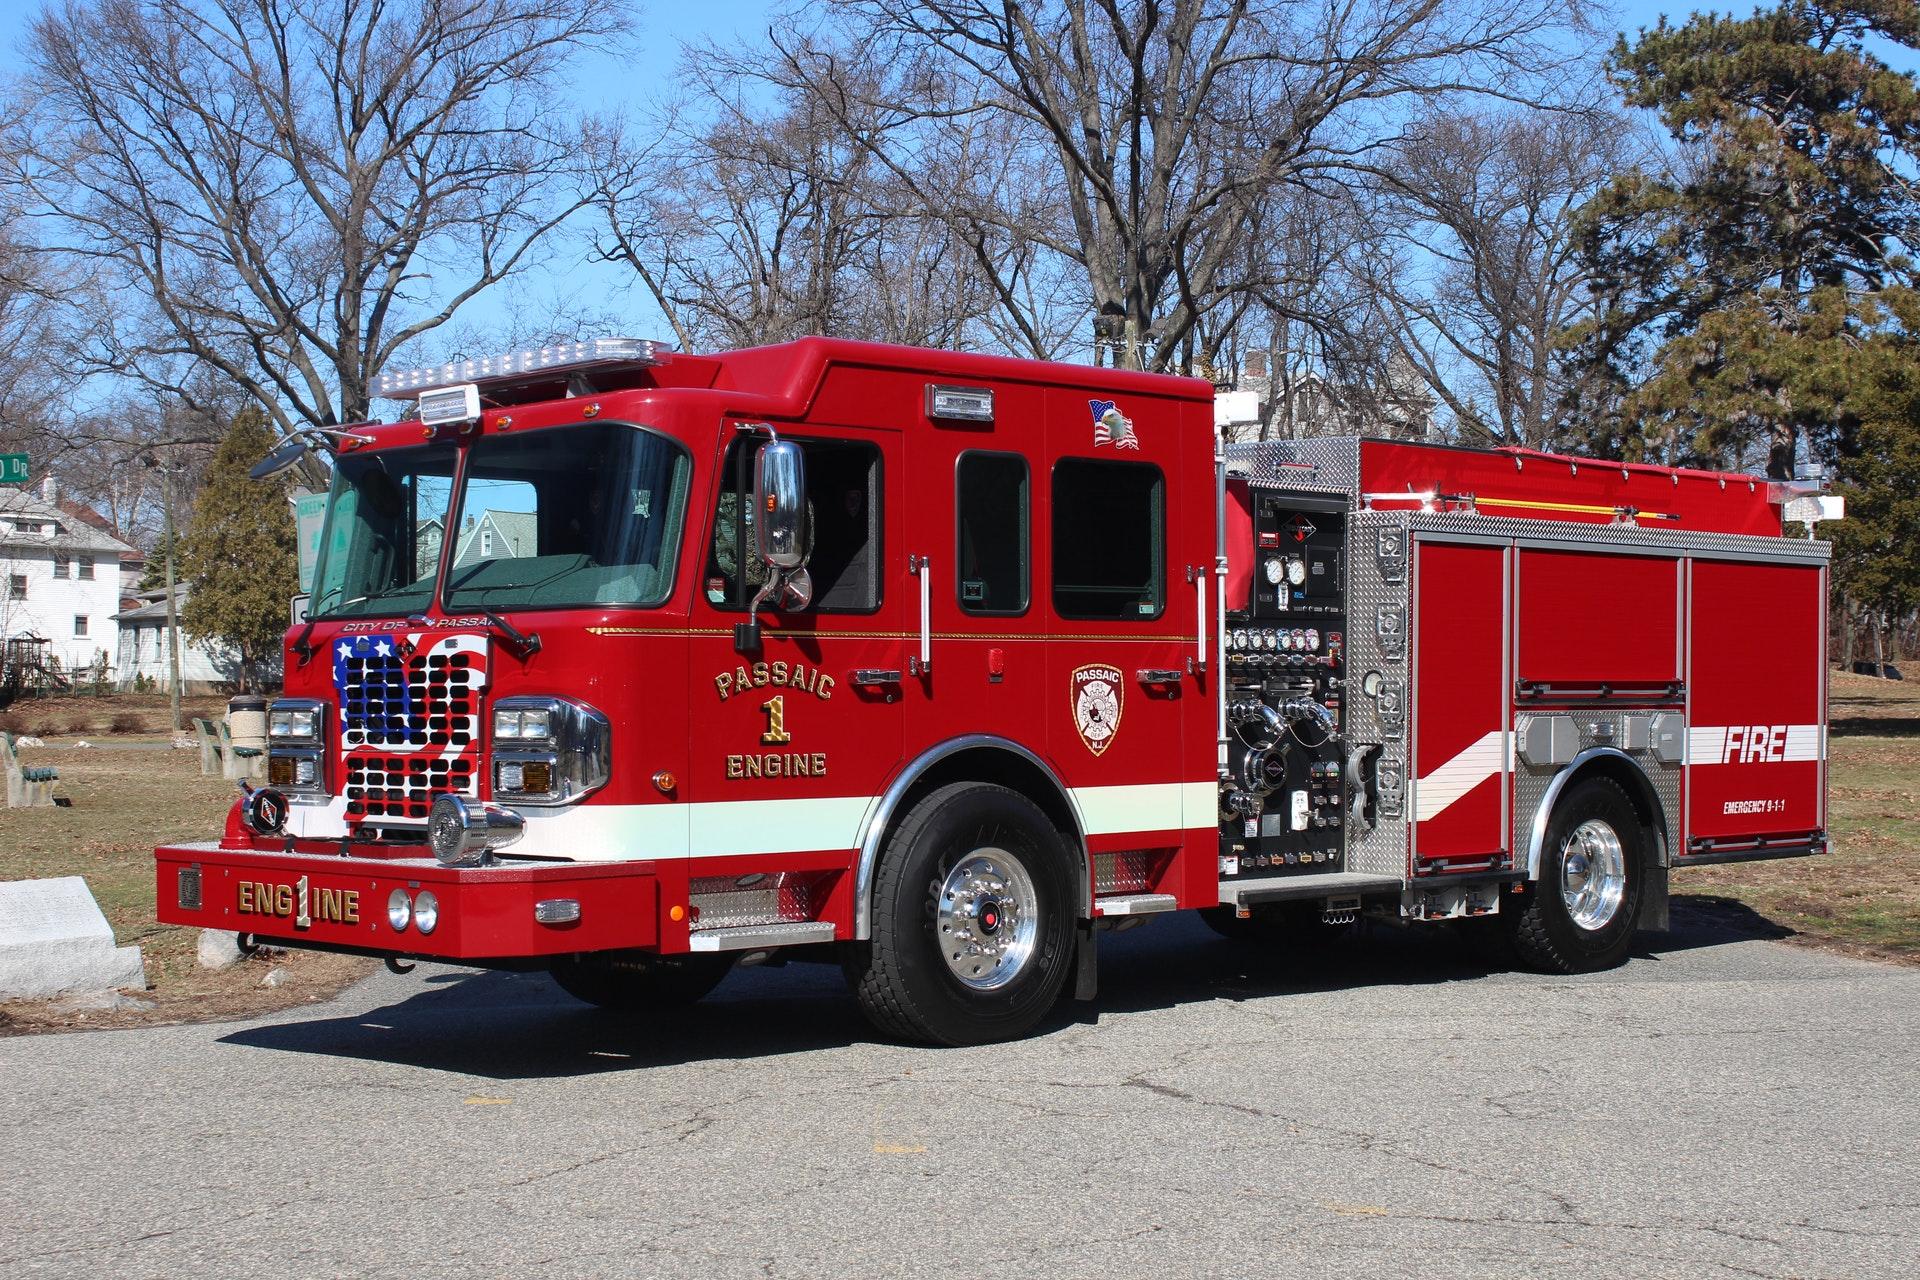 passaic  nj  fire dept  puts new engine  built by spartan